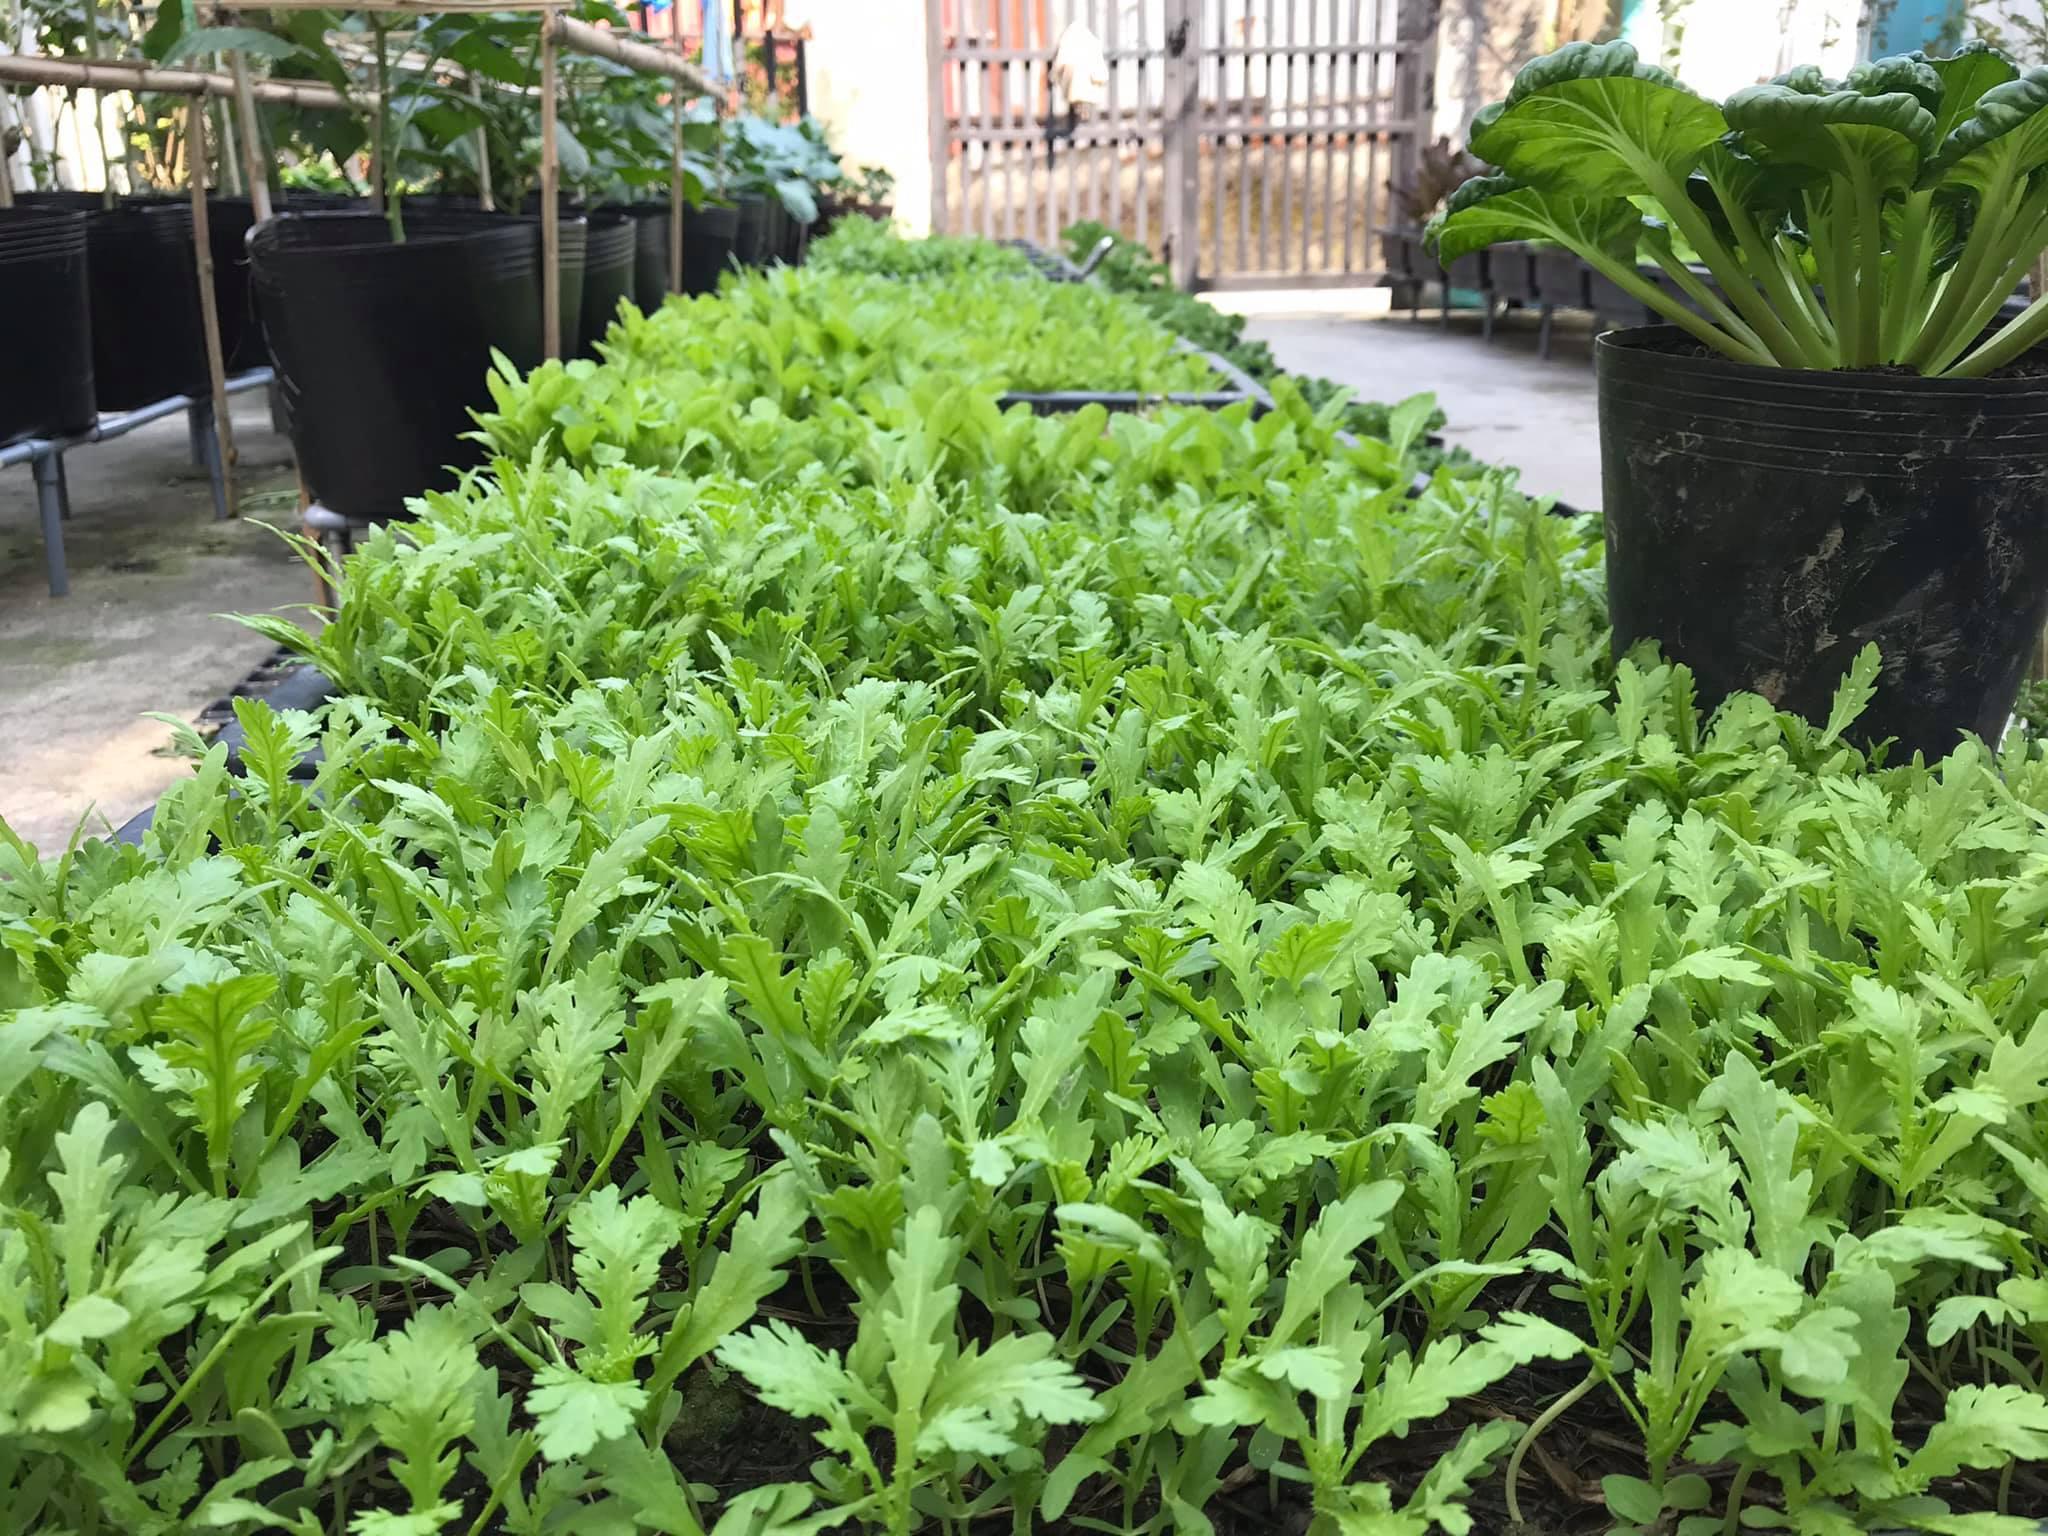 Vườn 60m2 đủ loại rau trái, vợ chồng trẻ ở Quảng Nam không phải đi chợ - 2